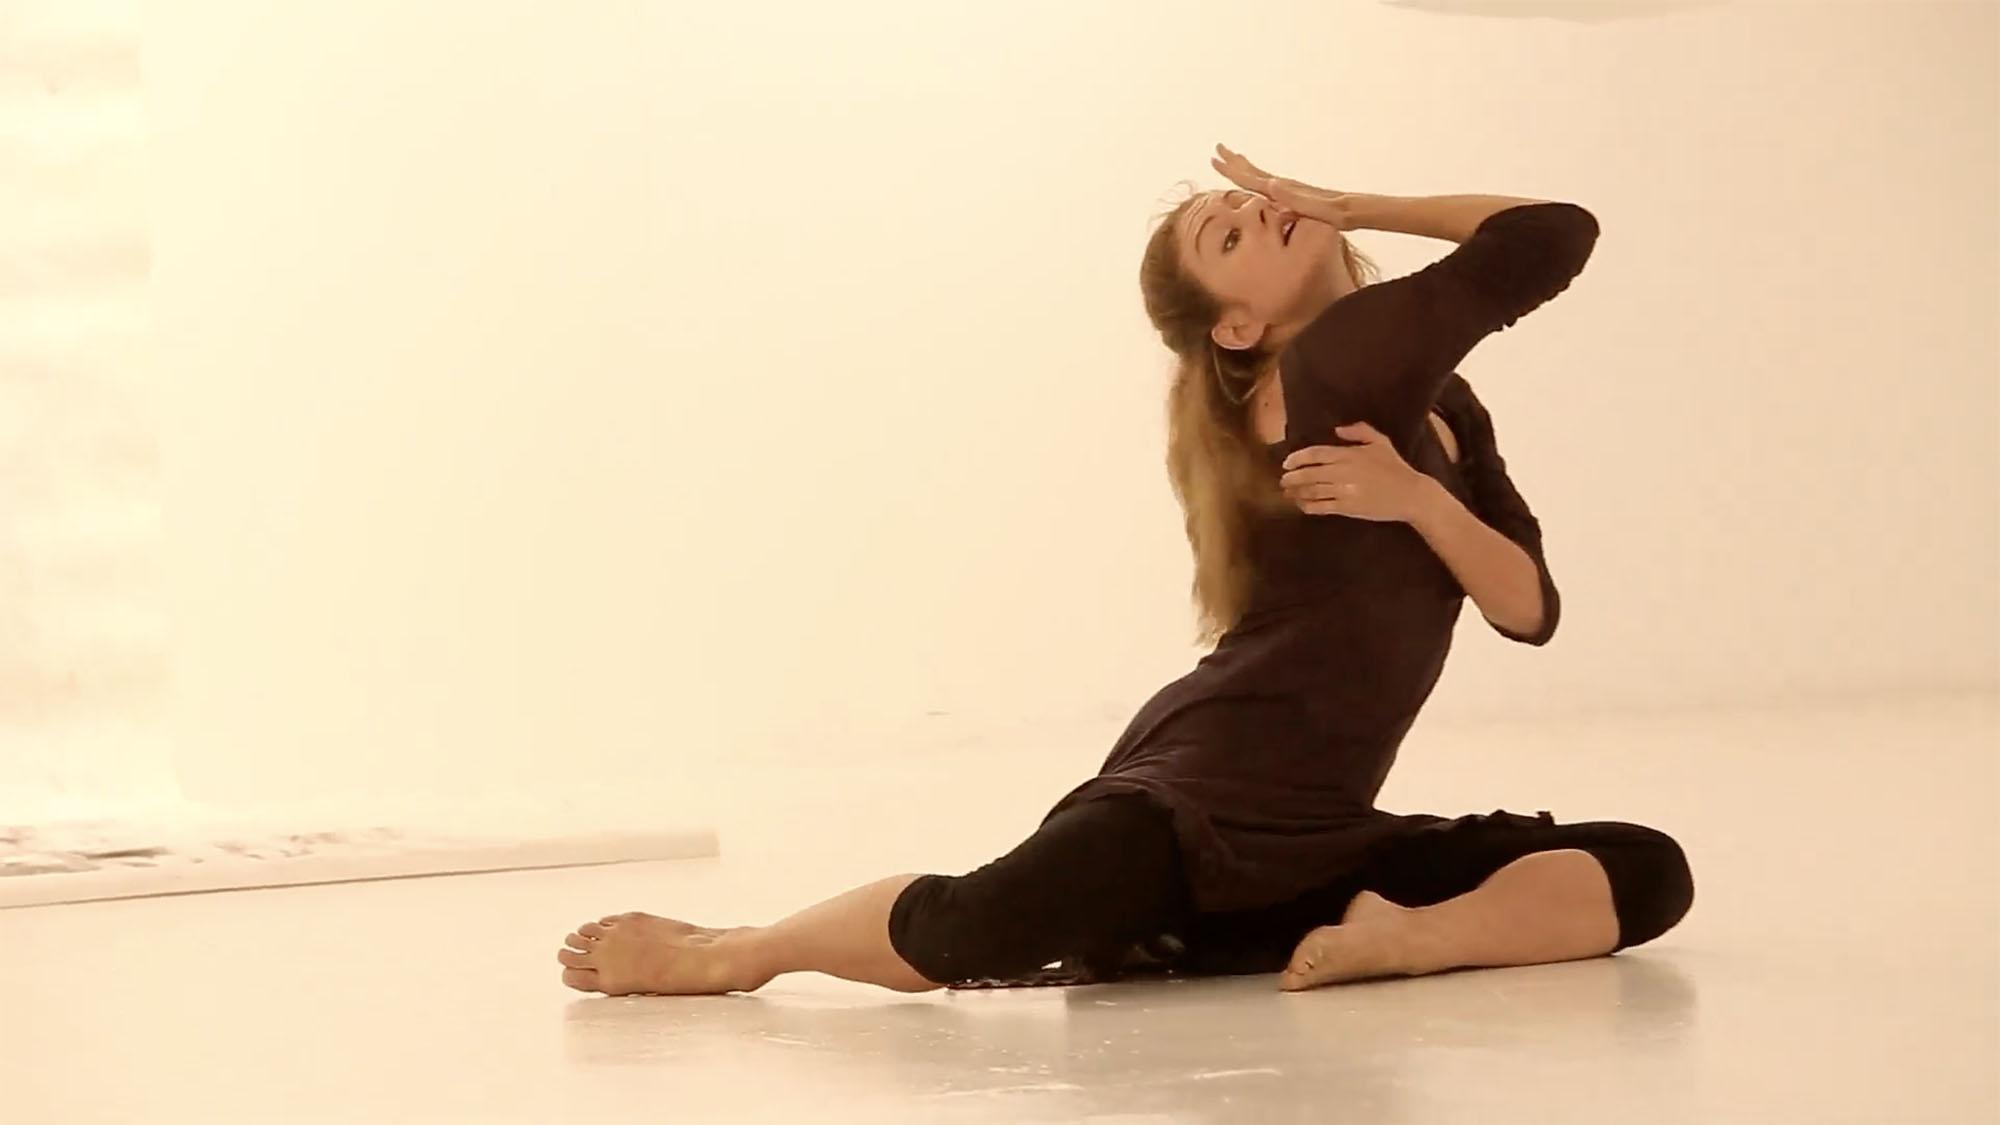 Performance by Joana Melchior